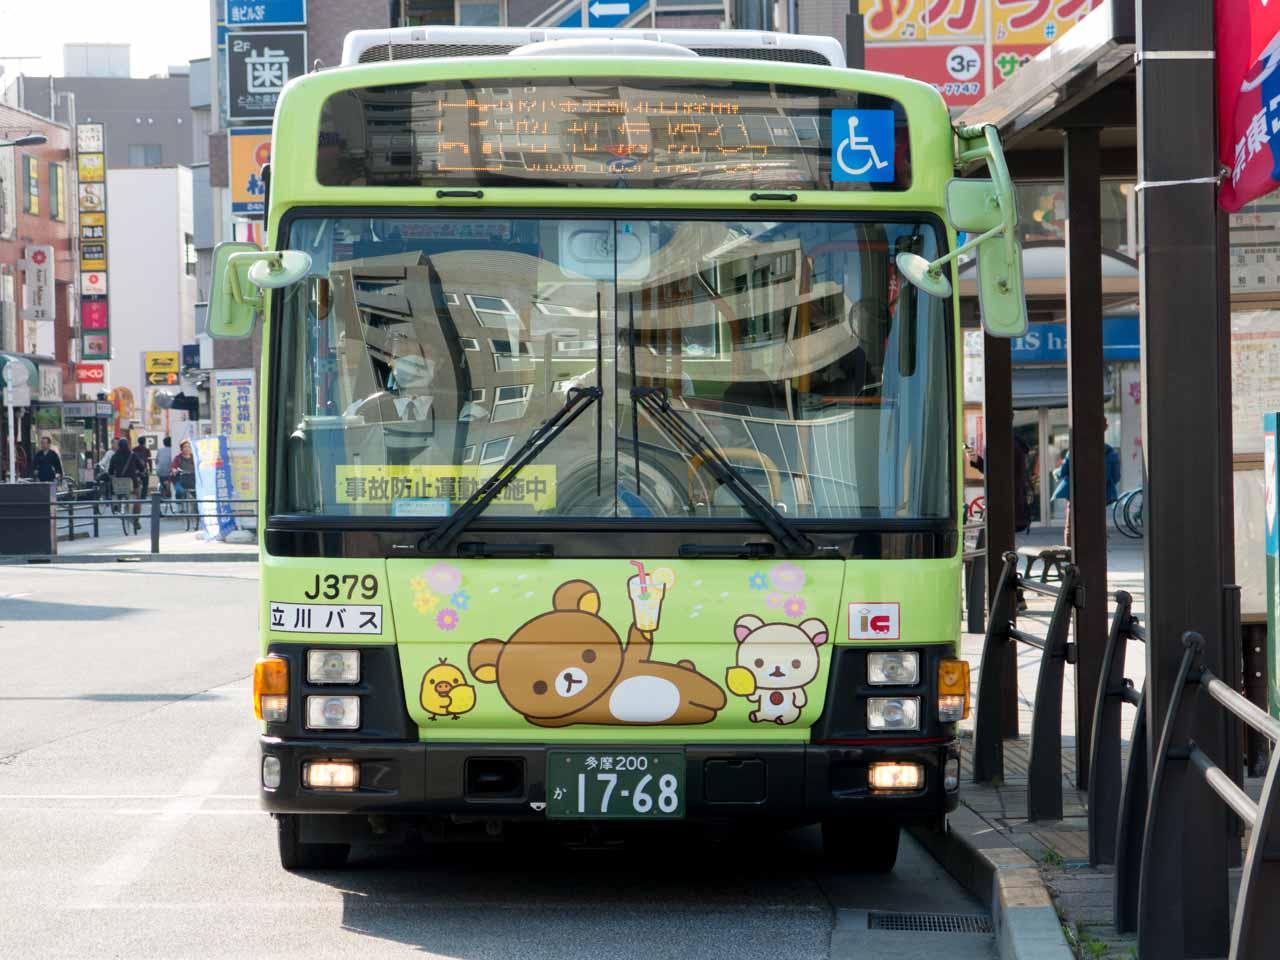 立川バス リラックマバス4号車_a0016730_17281789.jpg